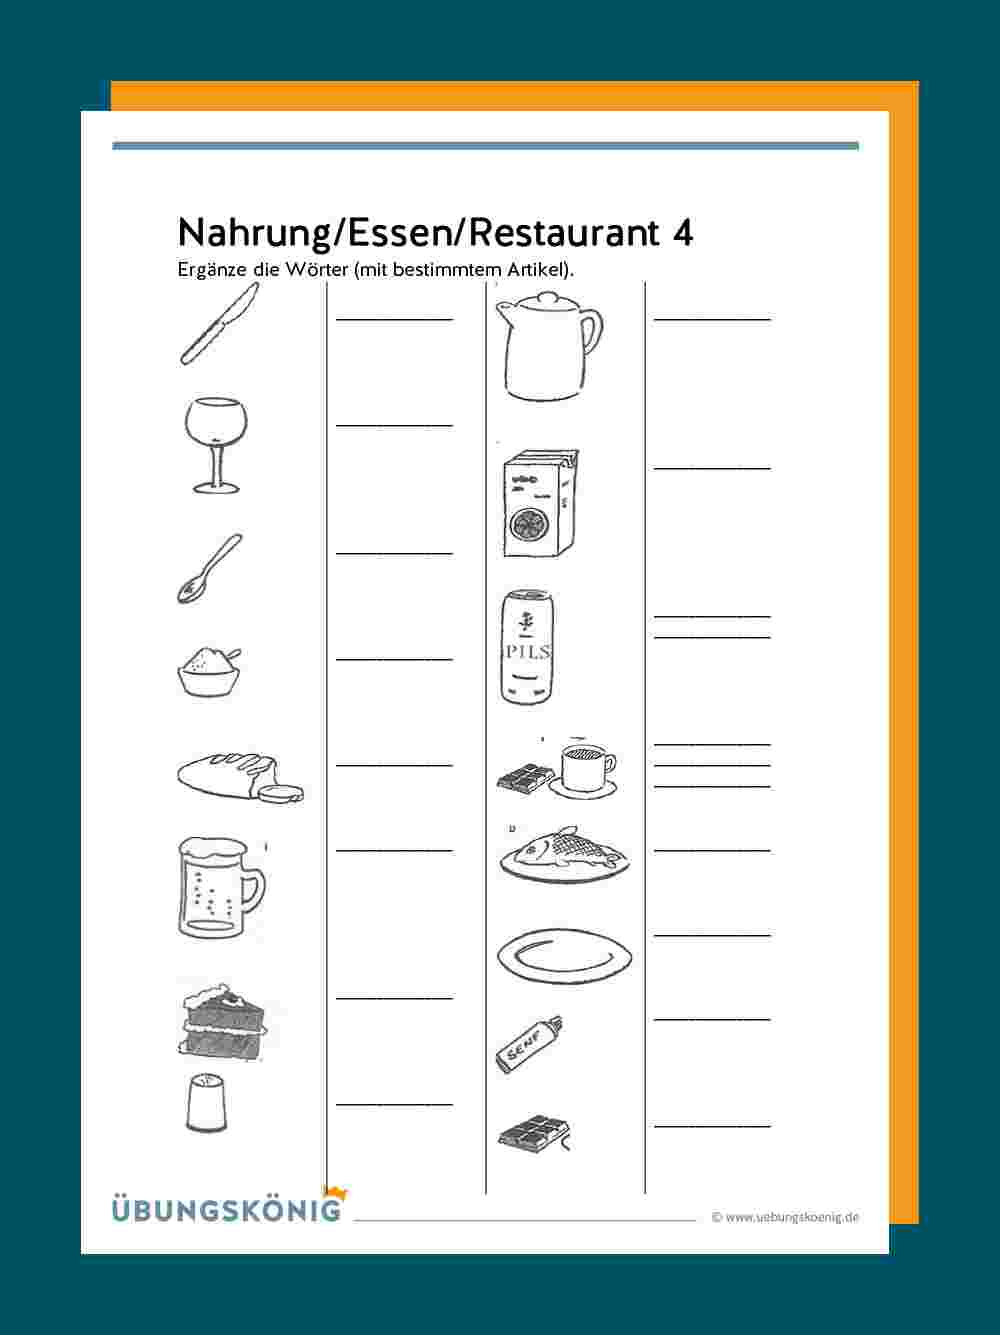 DaZ / DaF Nahrung, Essen, Restaurant